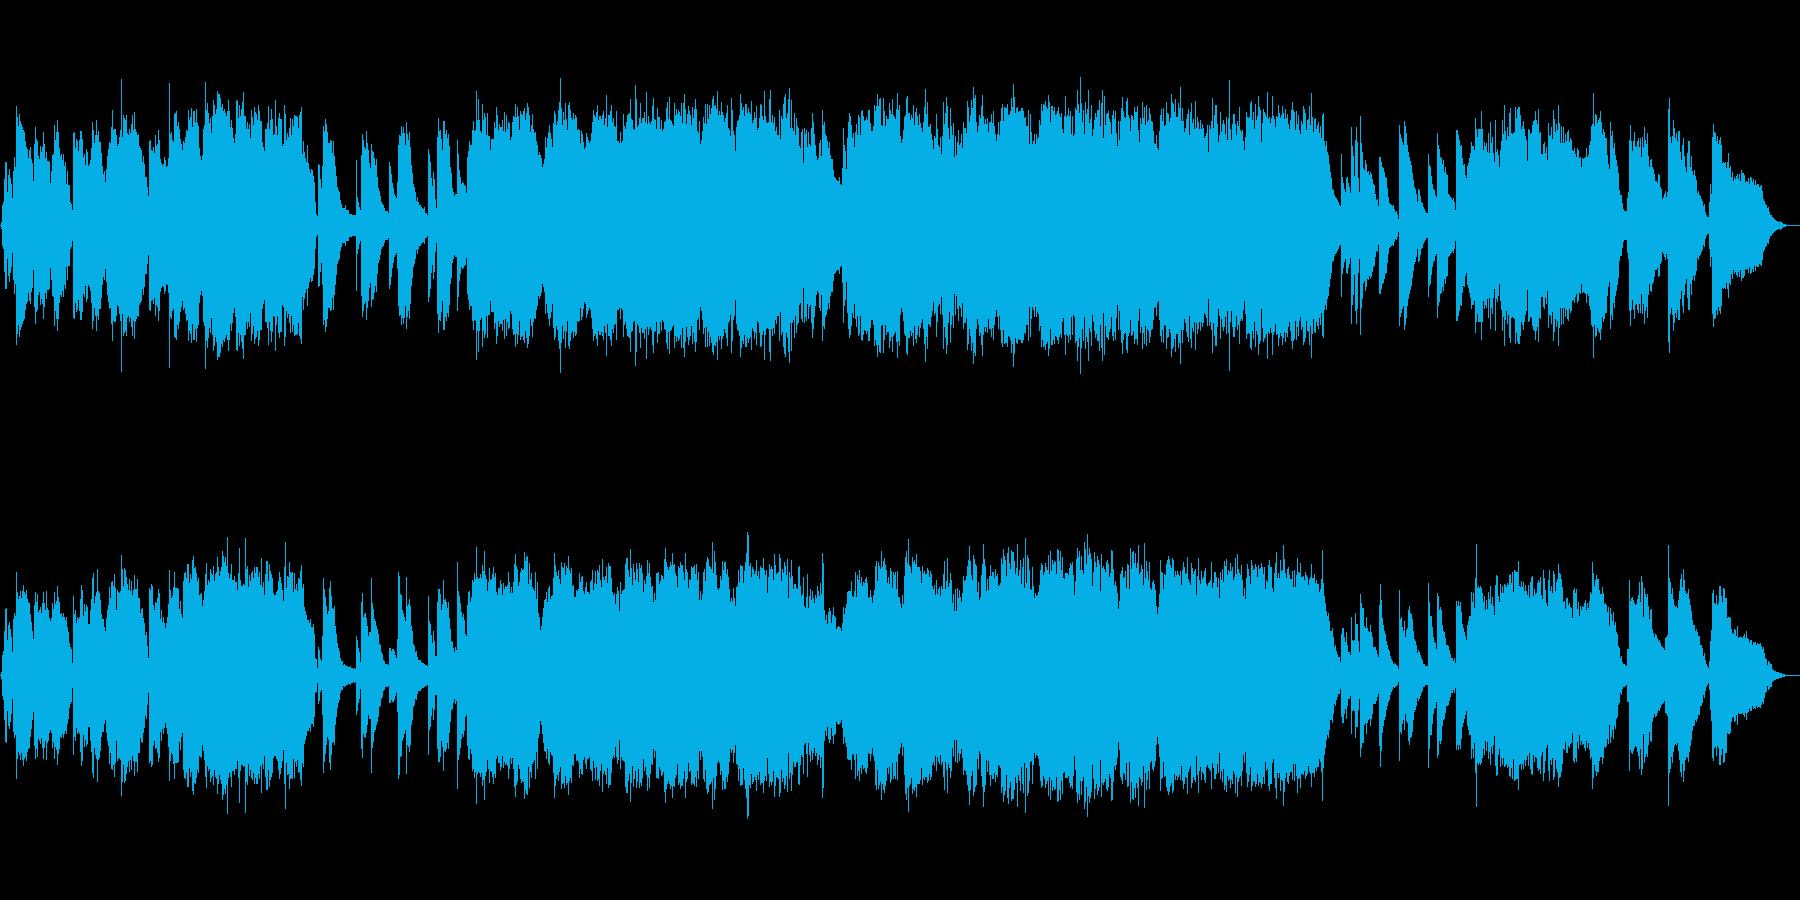 生演奏!フルートの感動的なバラードの再生済みの波形